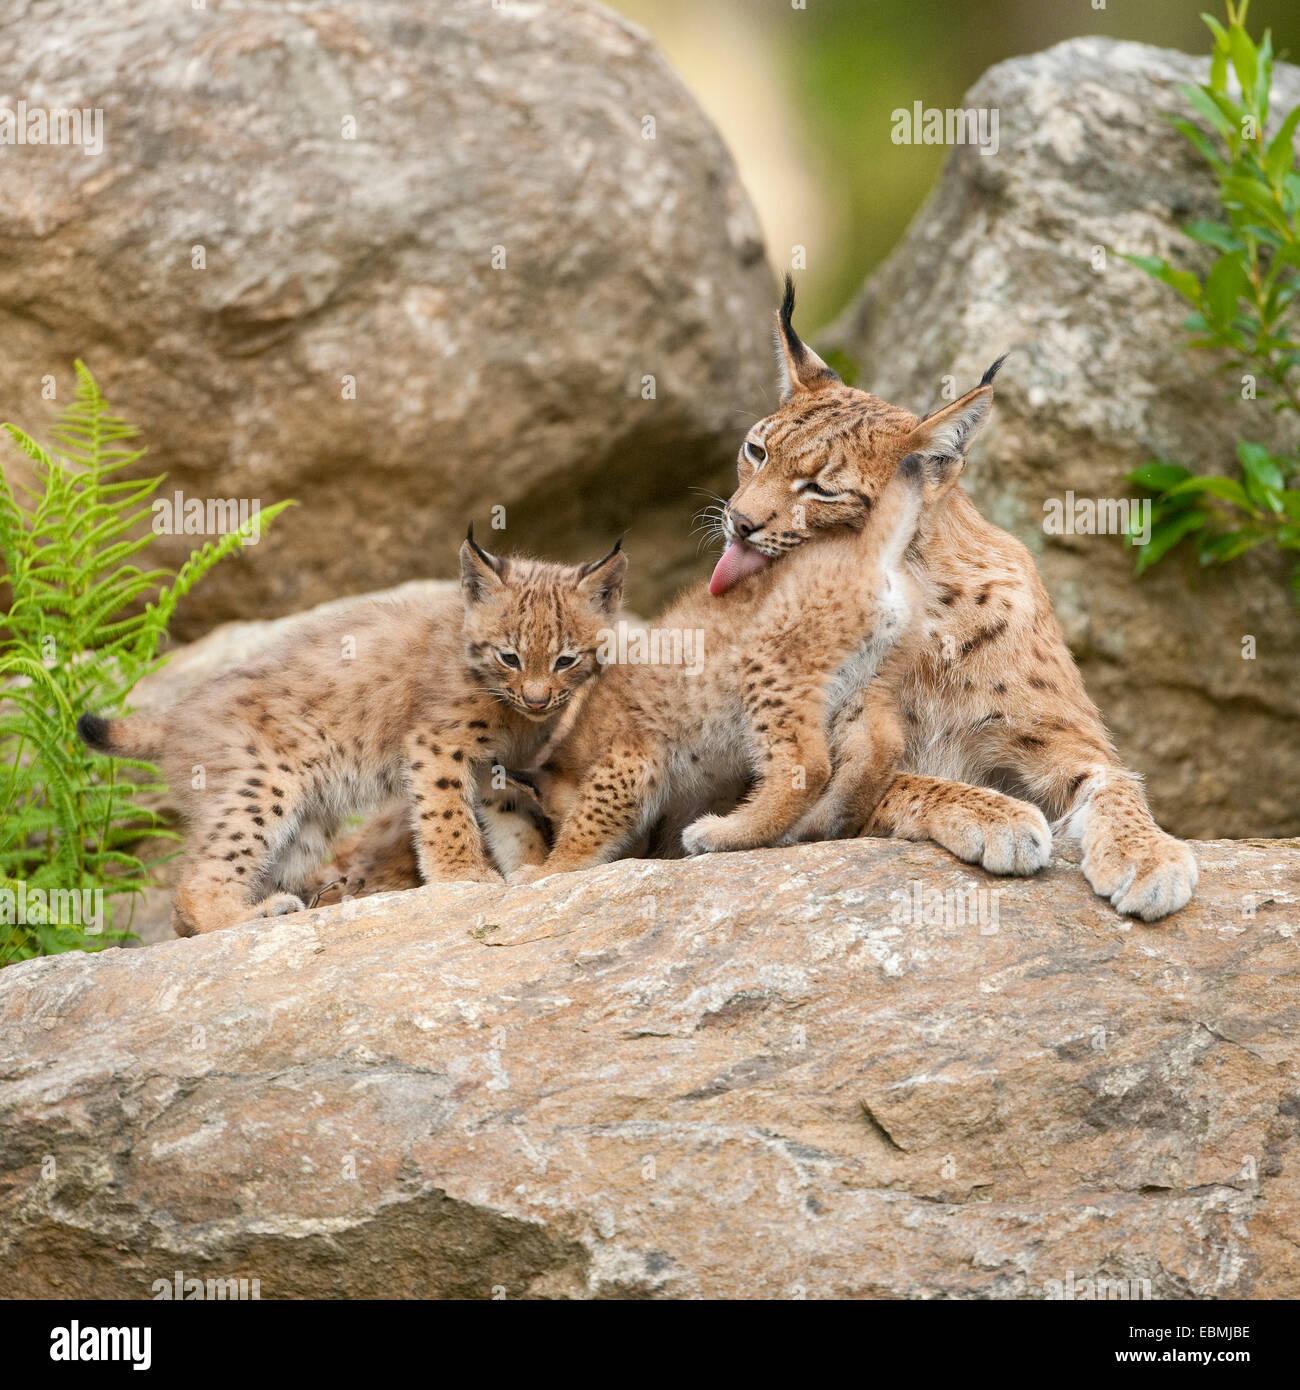 Eurasian Lynx (Lynx lynx), mother and cubs lying on a rock, captive, Bavarian Forest National Park, Bavaria, Germany Stock Photo